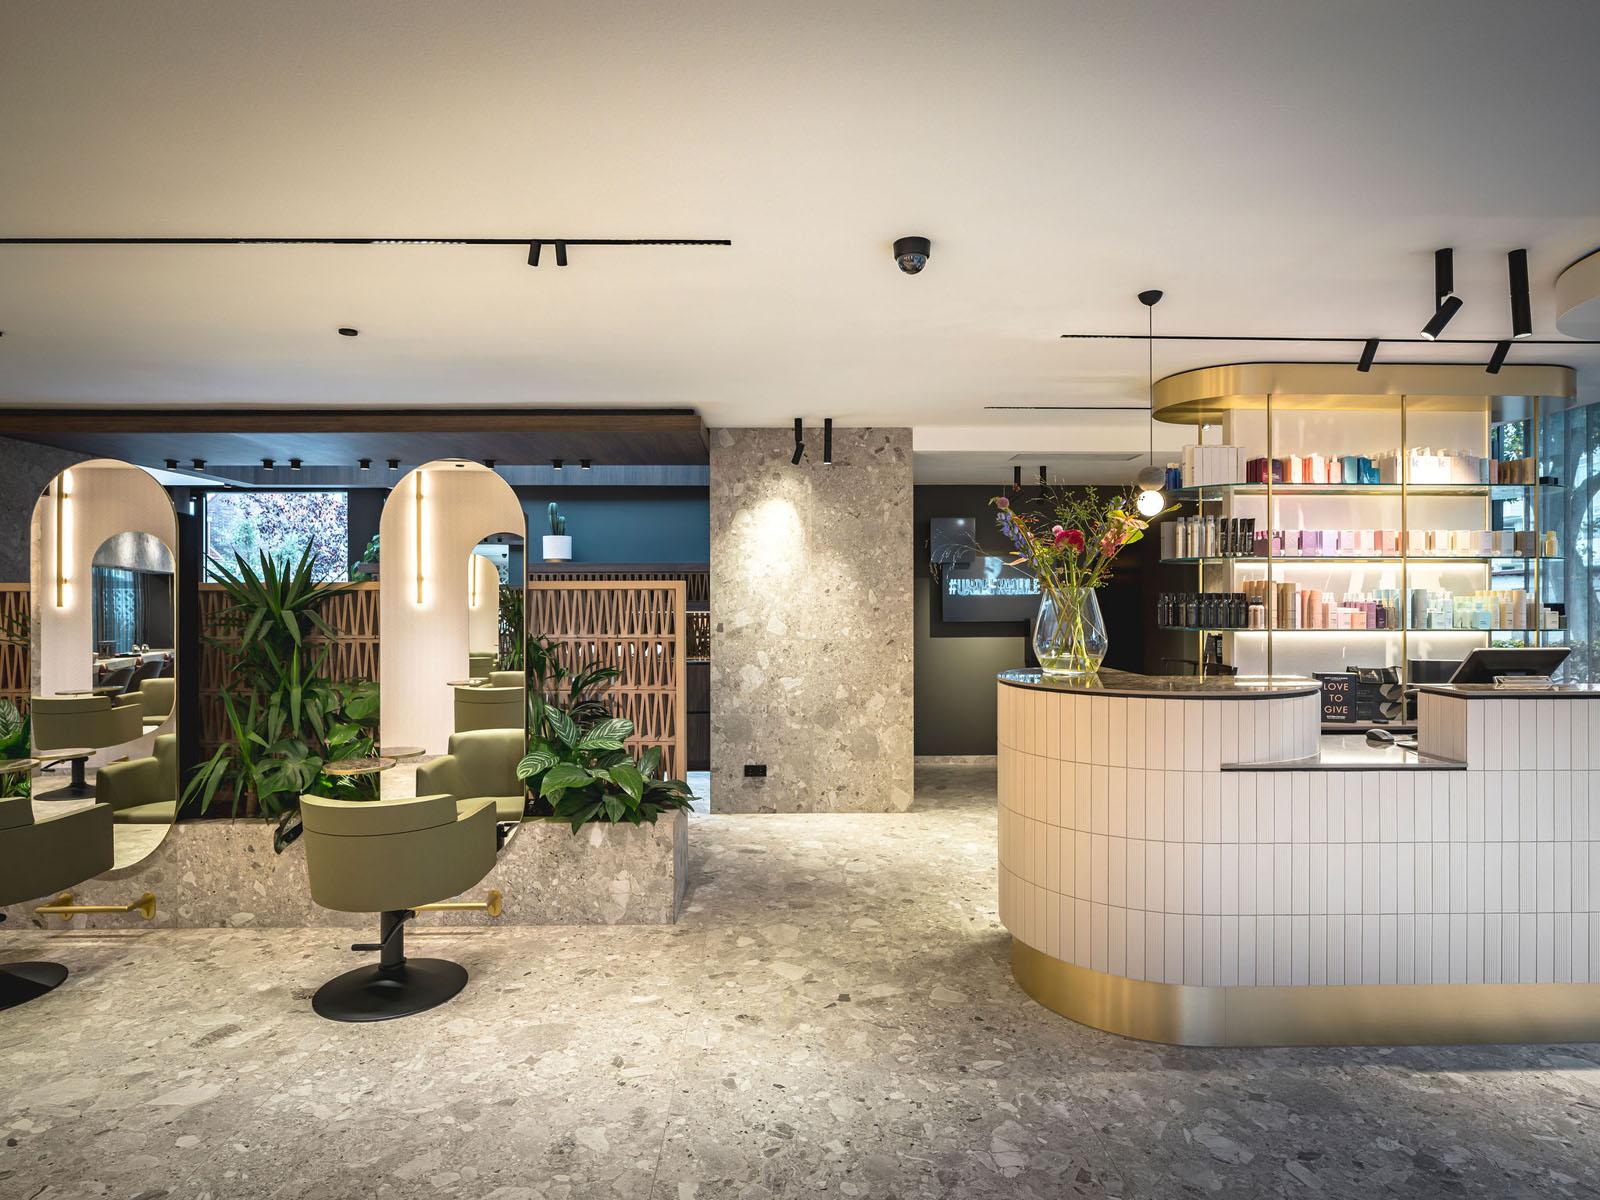 reception salon bosman brutalism jeroen de nijs bni entree